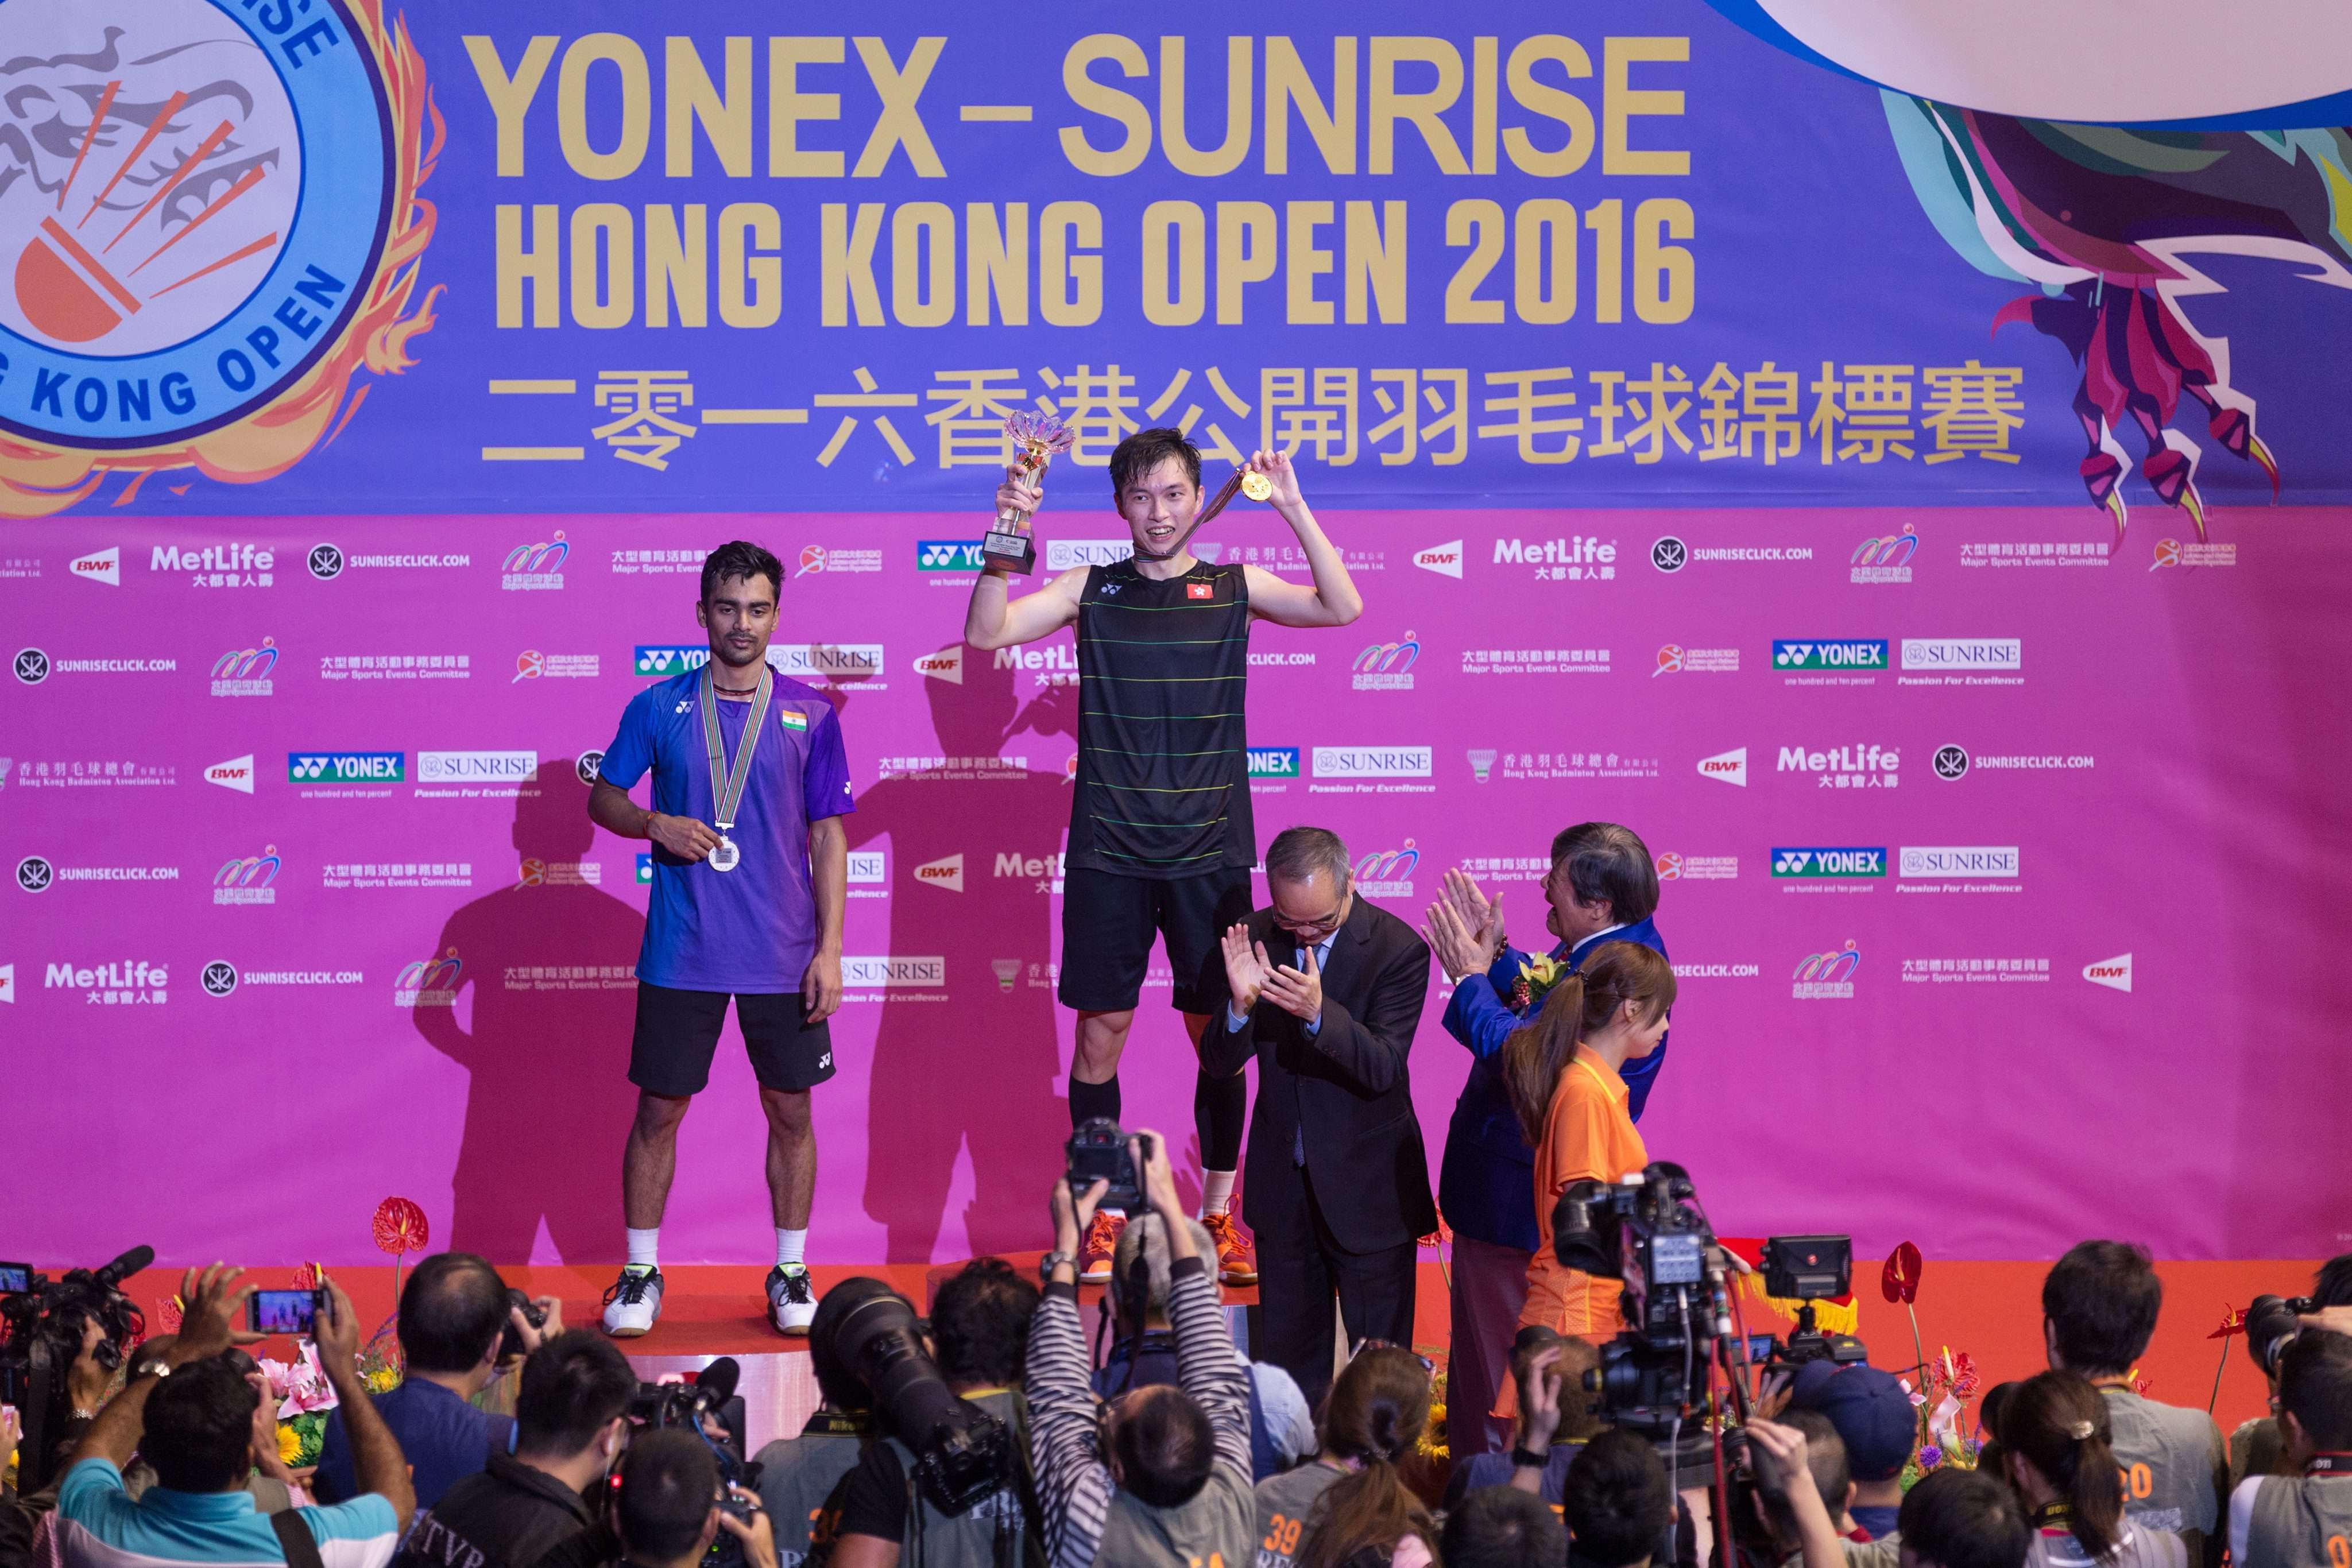 Angus Ng Ka long wins Hong Kong Open – first home champion in the